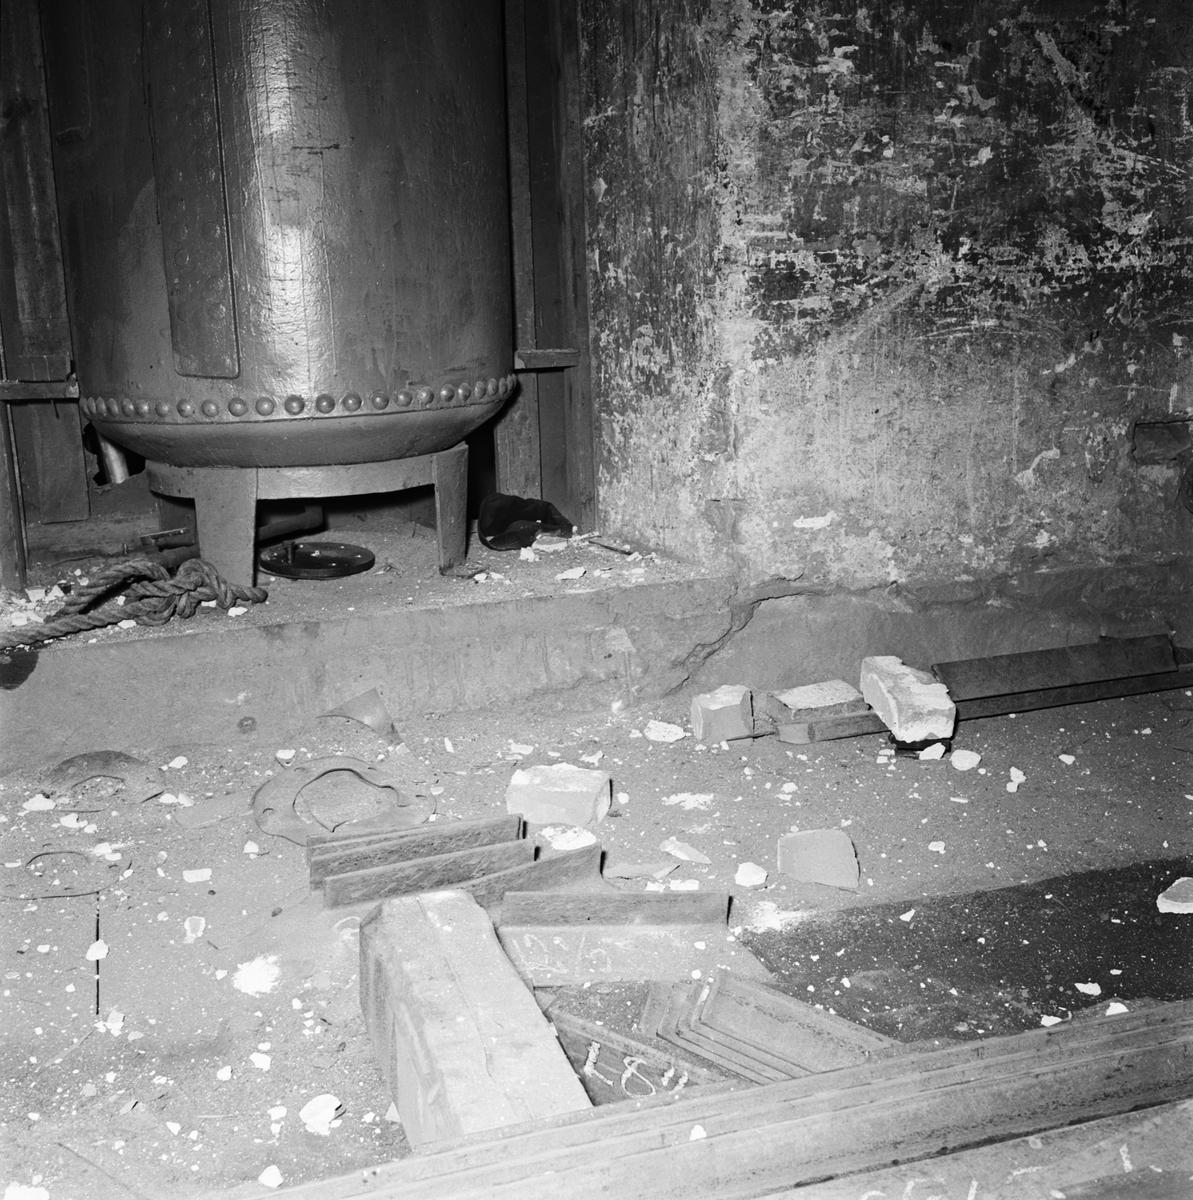 Övrigt: Foto datum: 23/4 1964 Verkstäder och personal. Explosion maskinverkstan